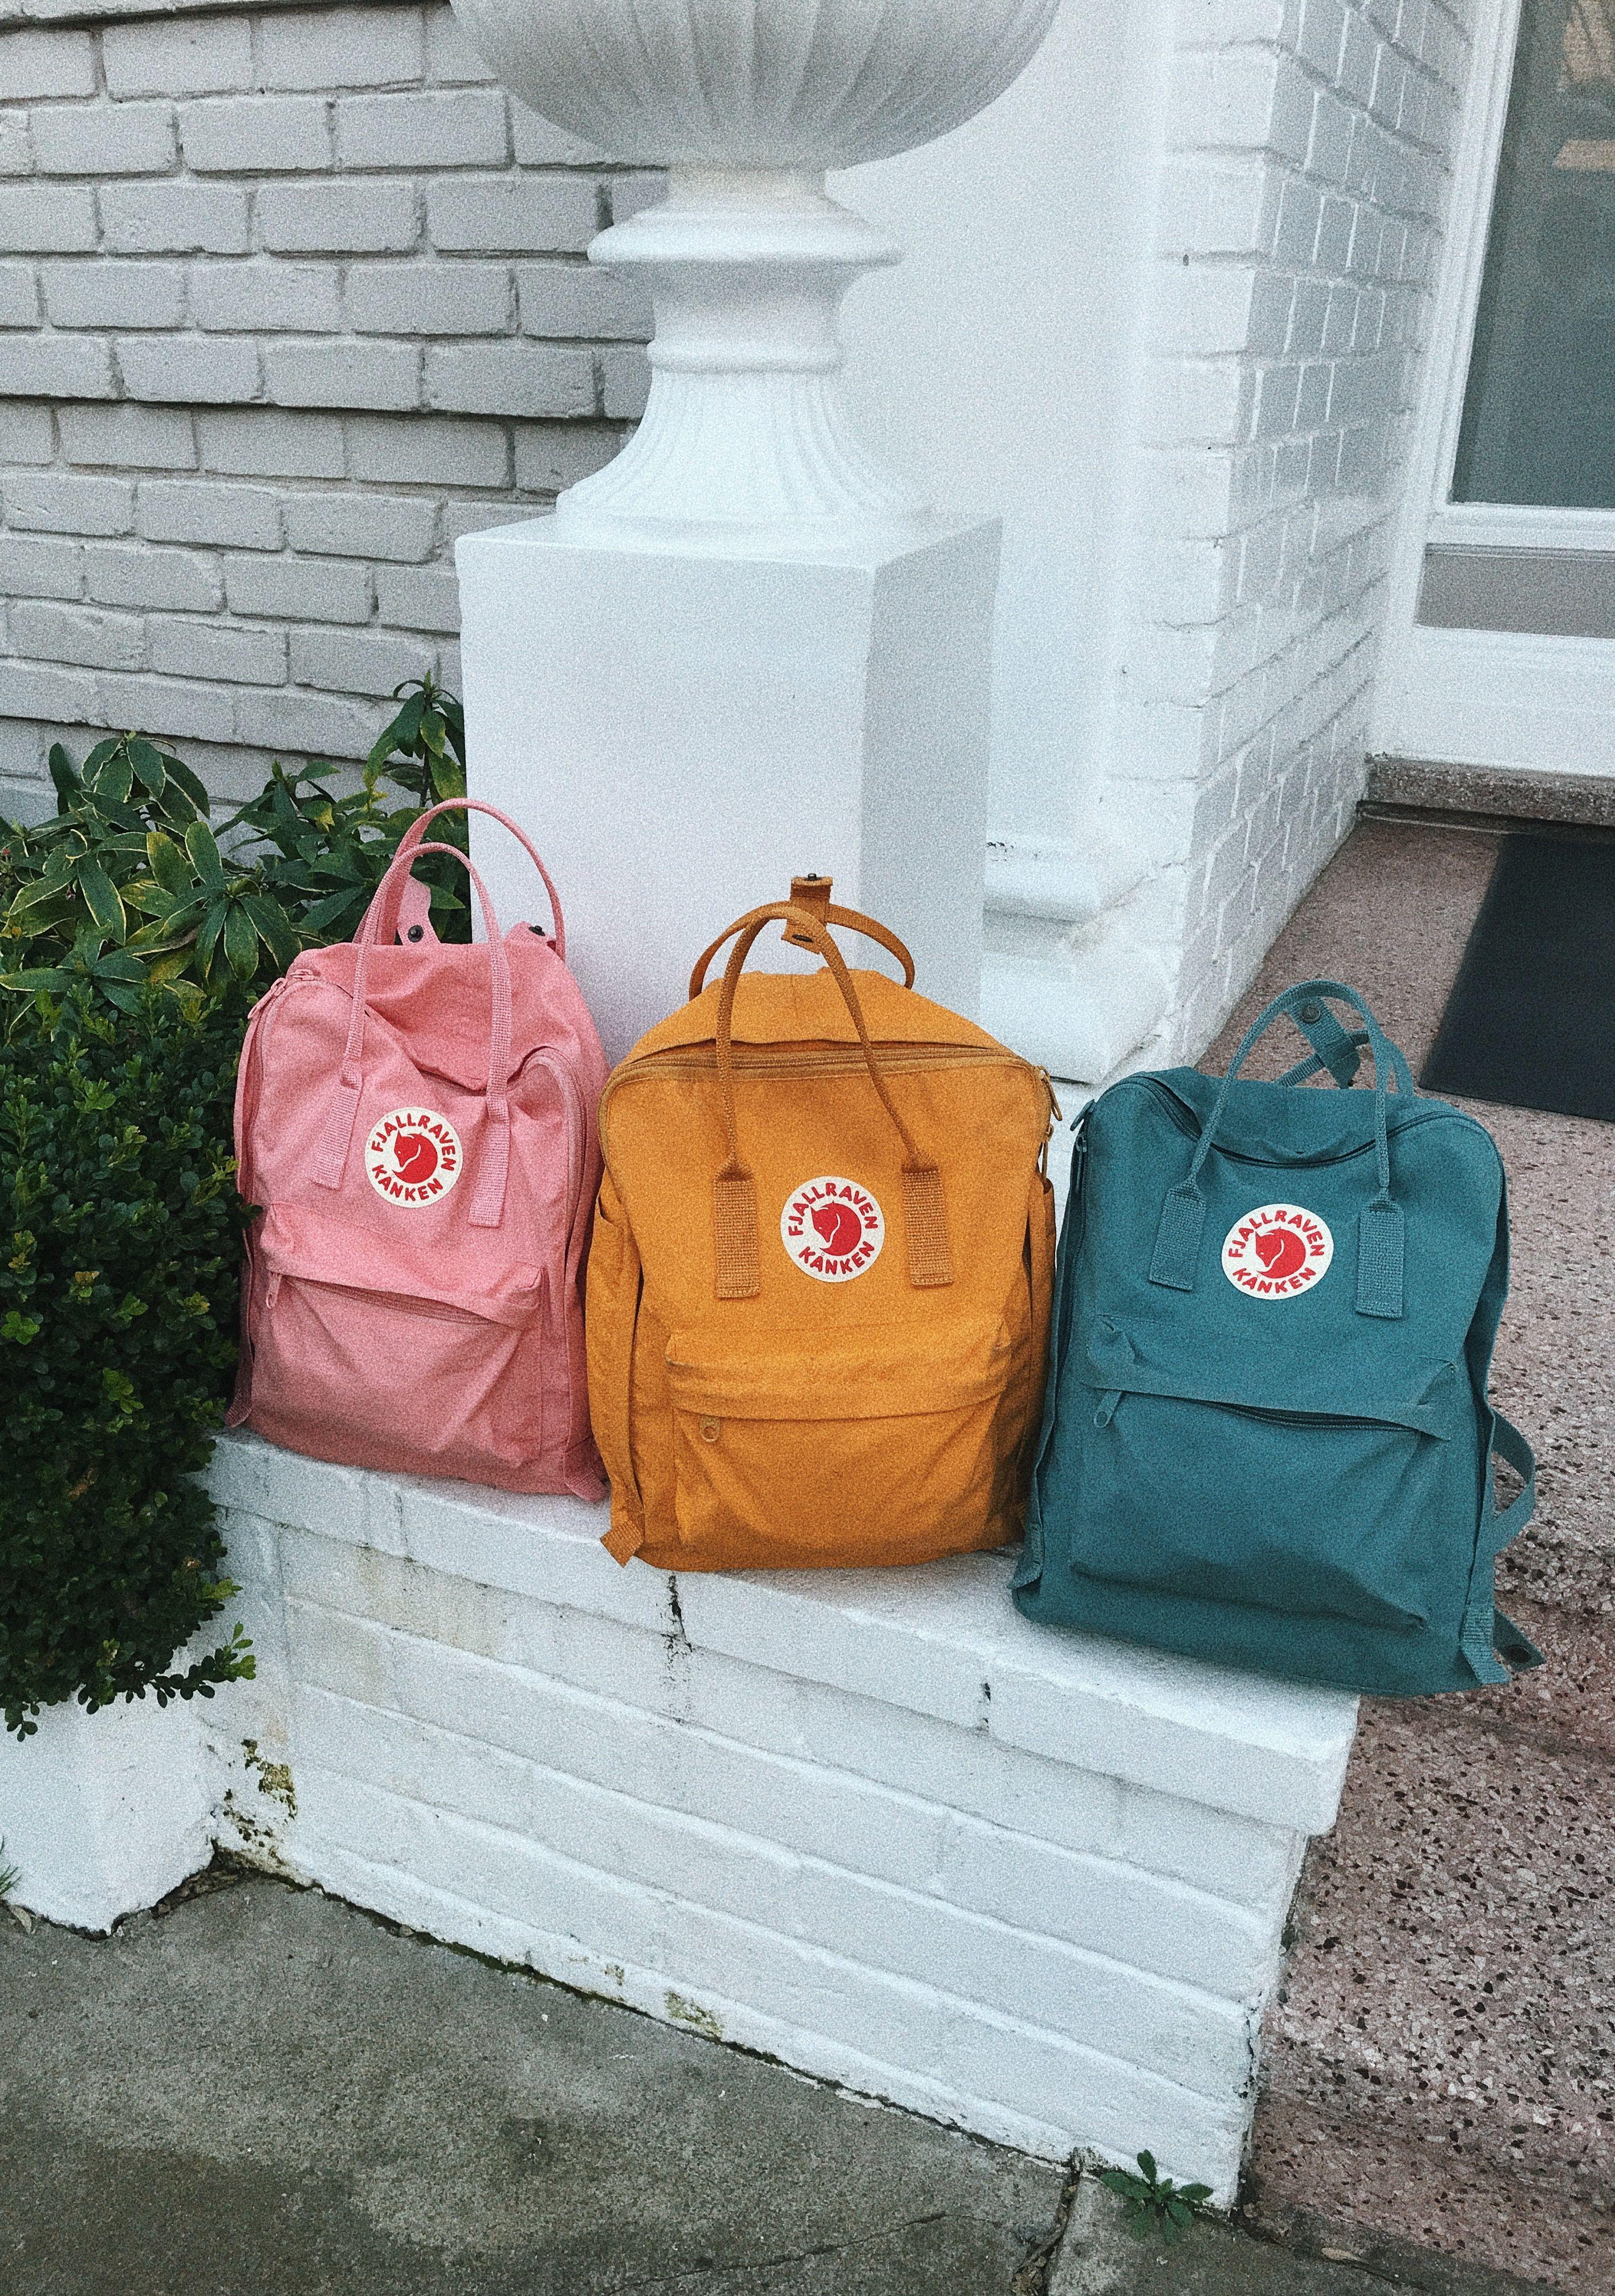 mochila de mochilas on Instagram